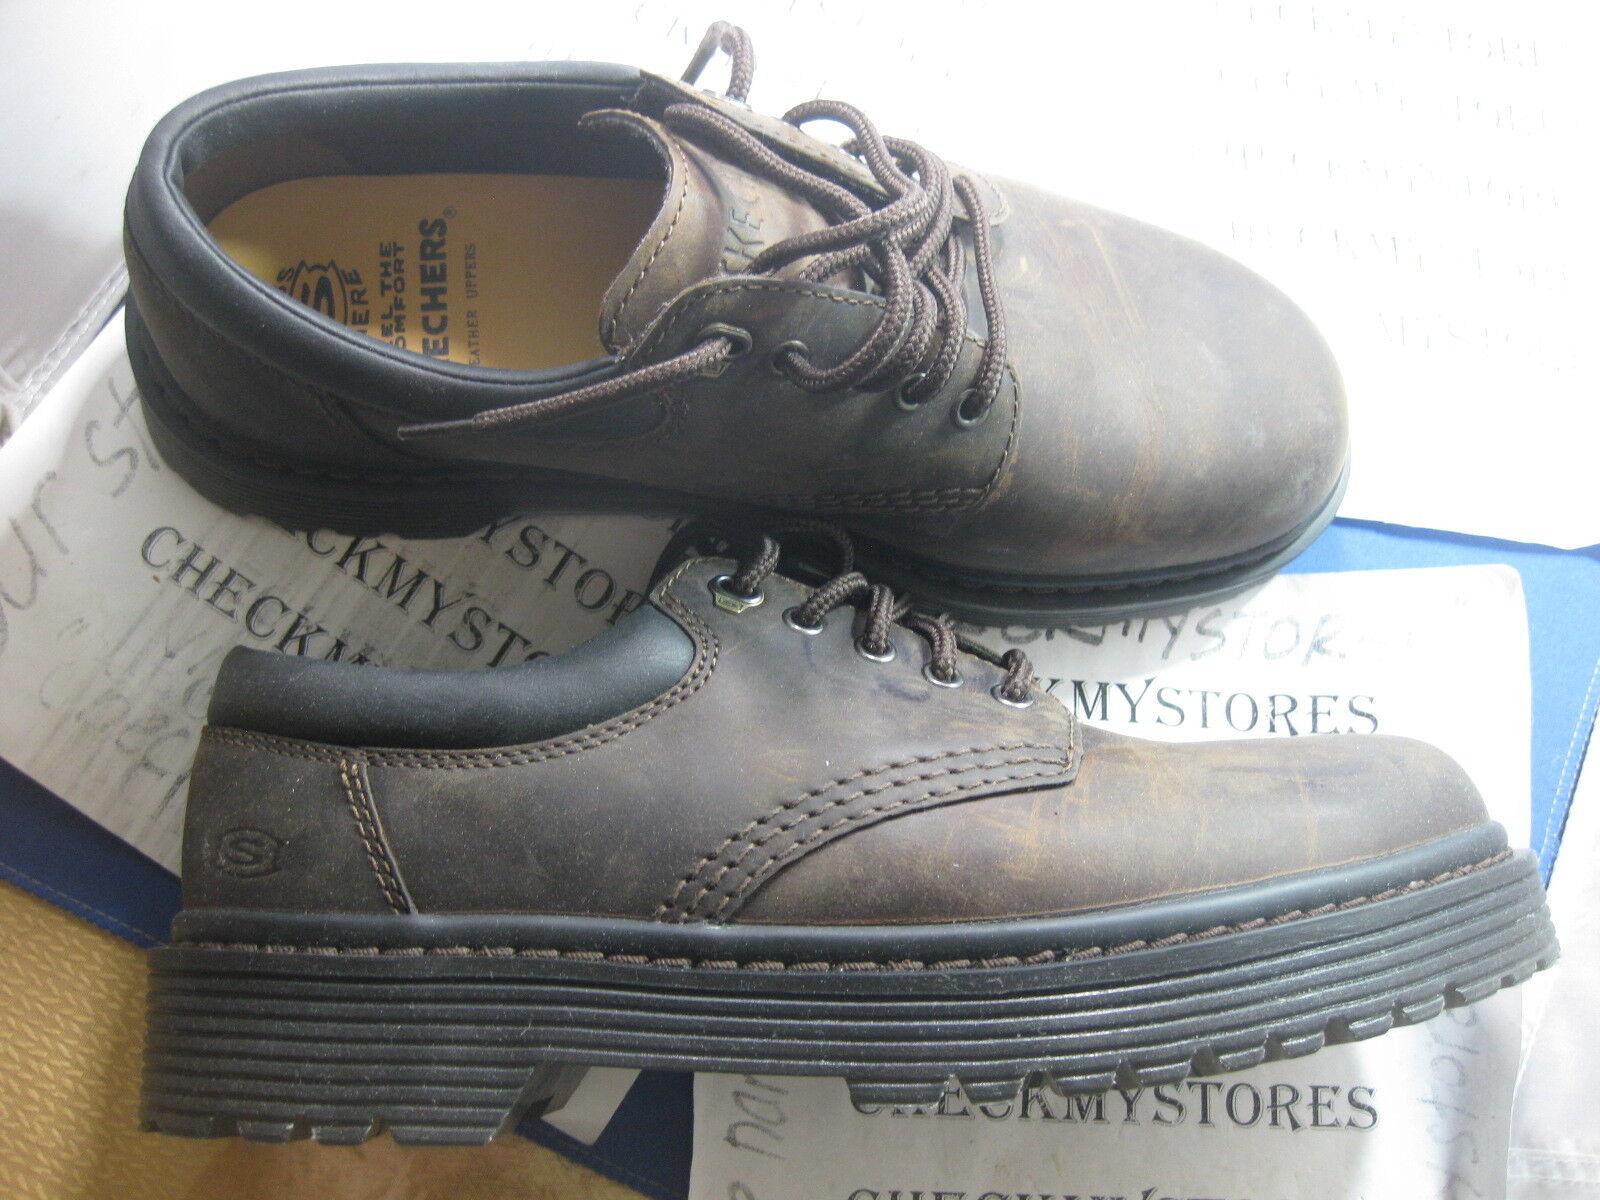 NEW Skechers  Skechers 4185 CLASSIX B BARCELONA SLIP RESISTANT Wild casual shoes